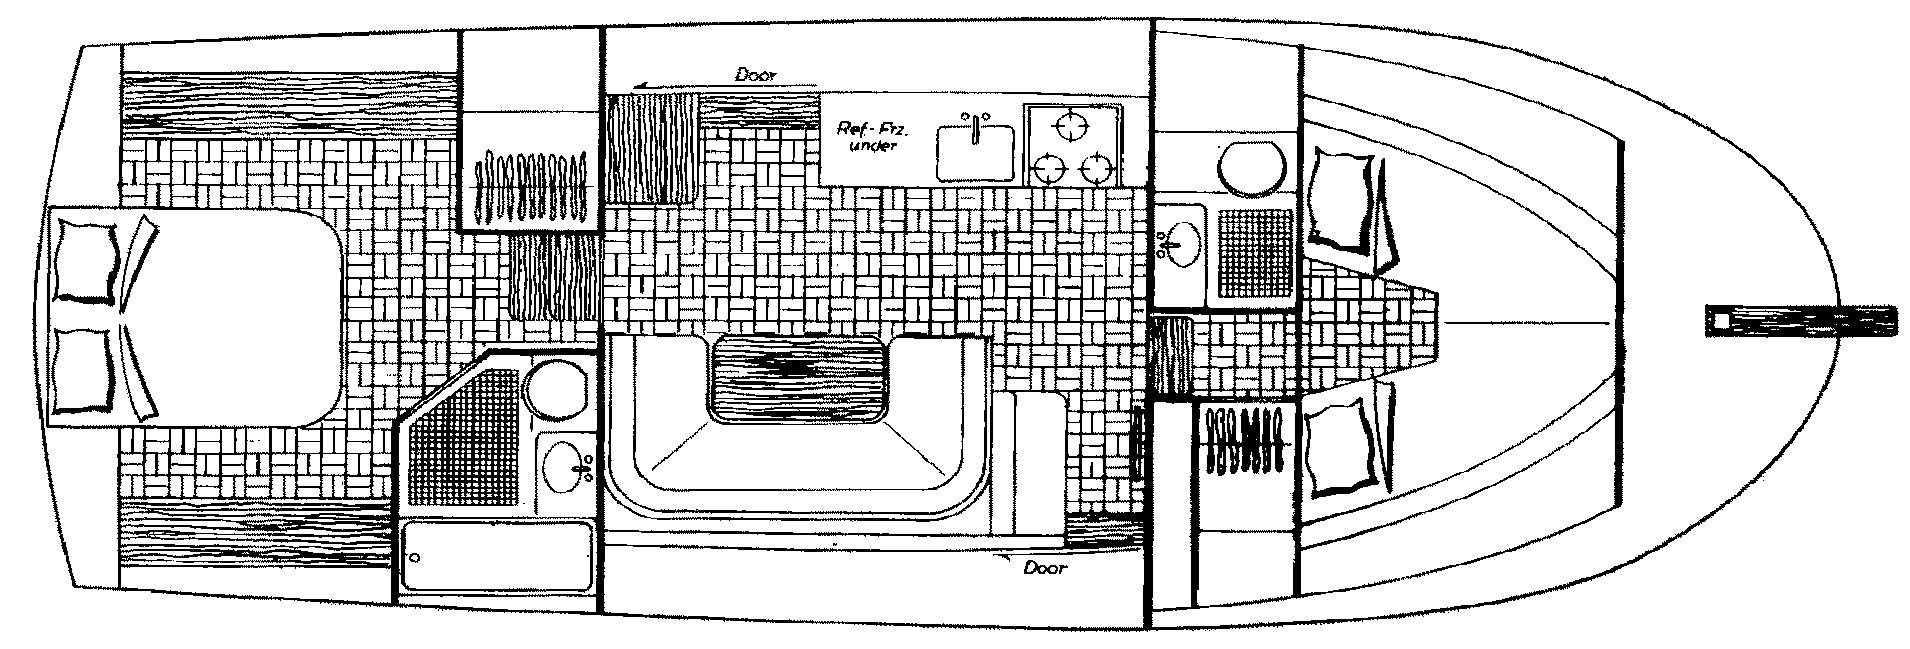 Albin 36 Trawler Floor Plan 2